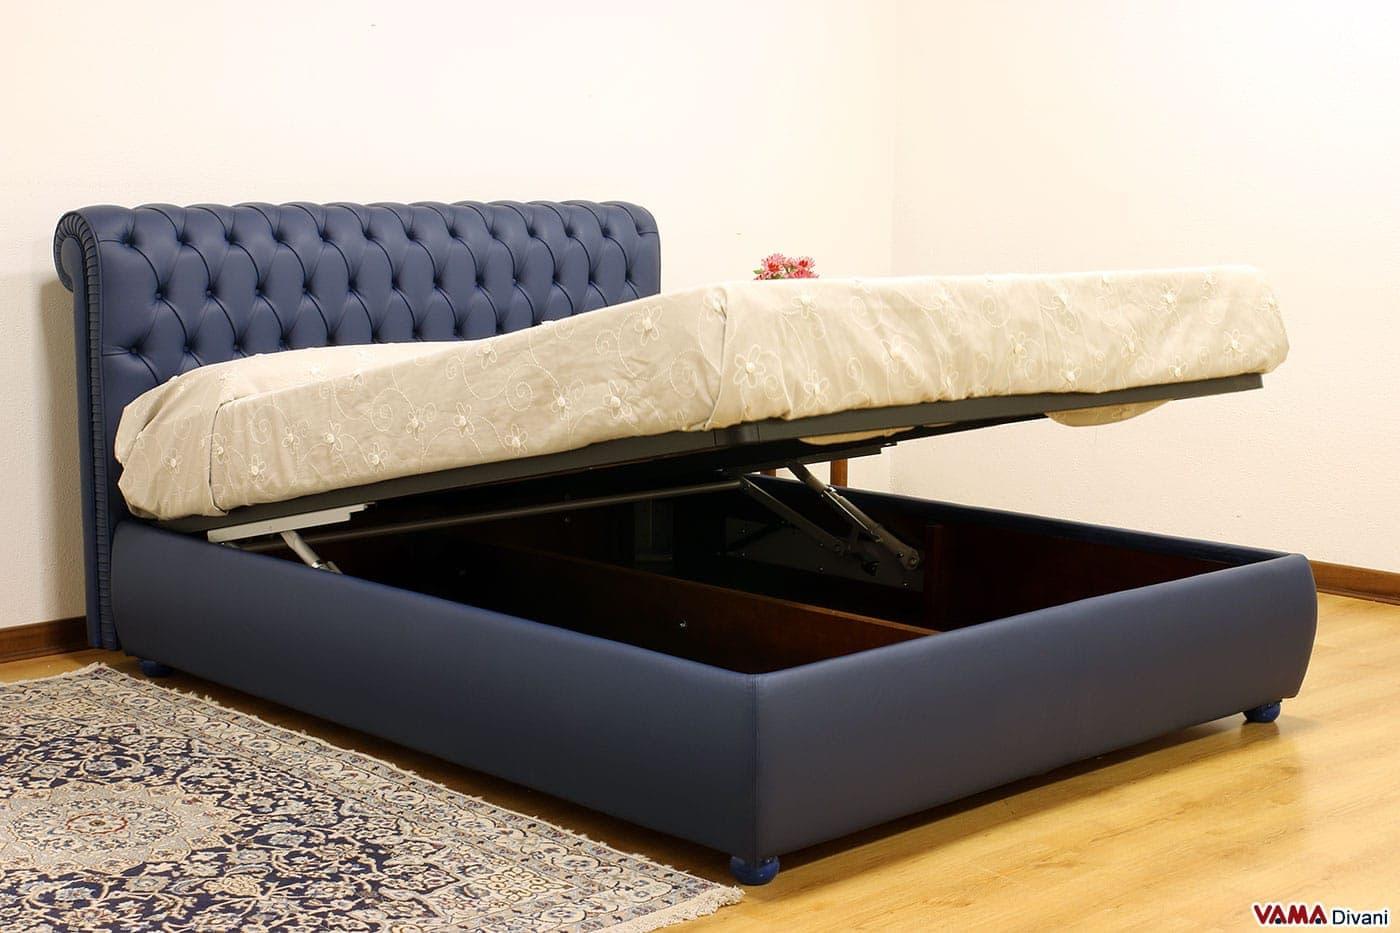 Letto chesterfield vama divani for Divano letto in pelle prezzi